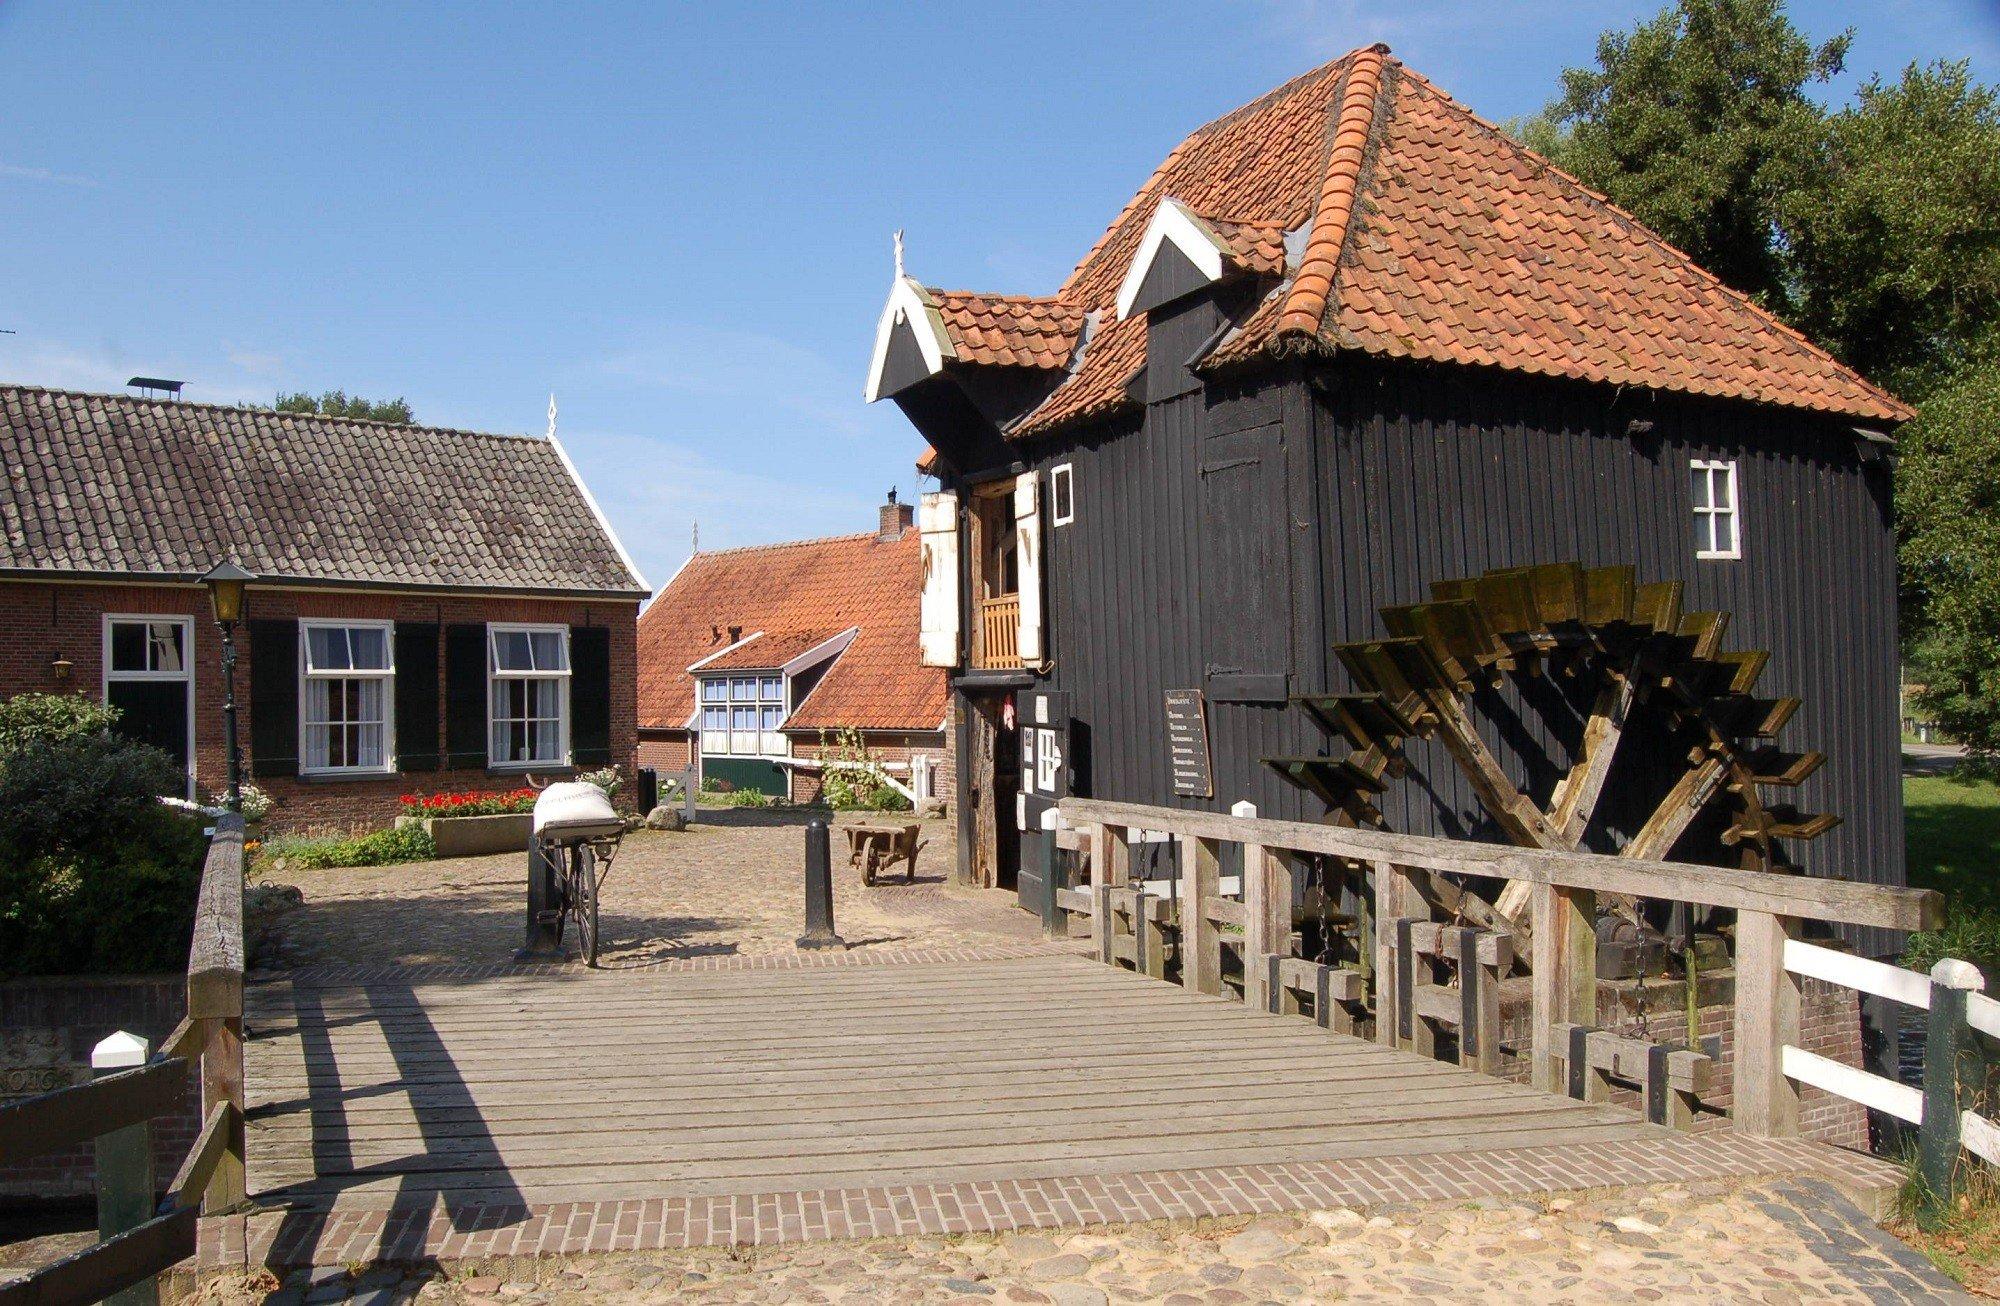 Dagaanbieding - 3 of 4 dagen top beoordeeld hotel in landelijk Twente incl. diner dagelijkse koopjes